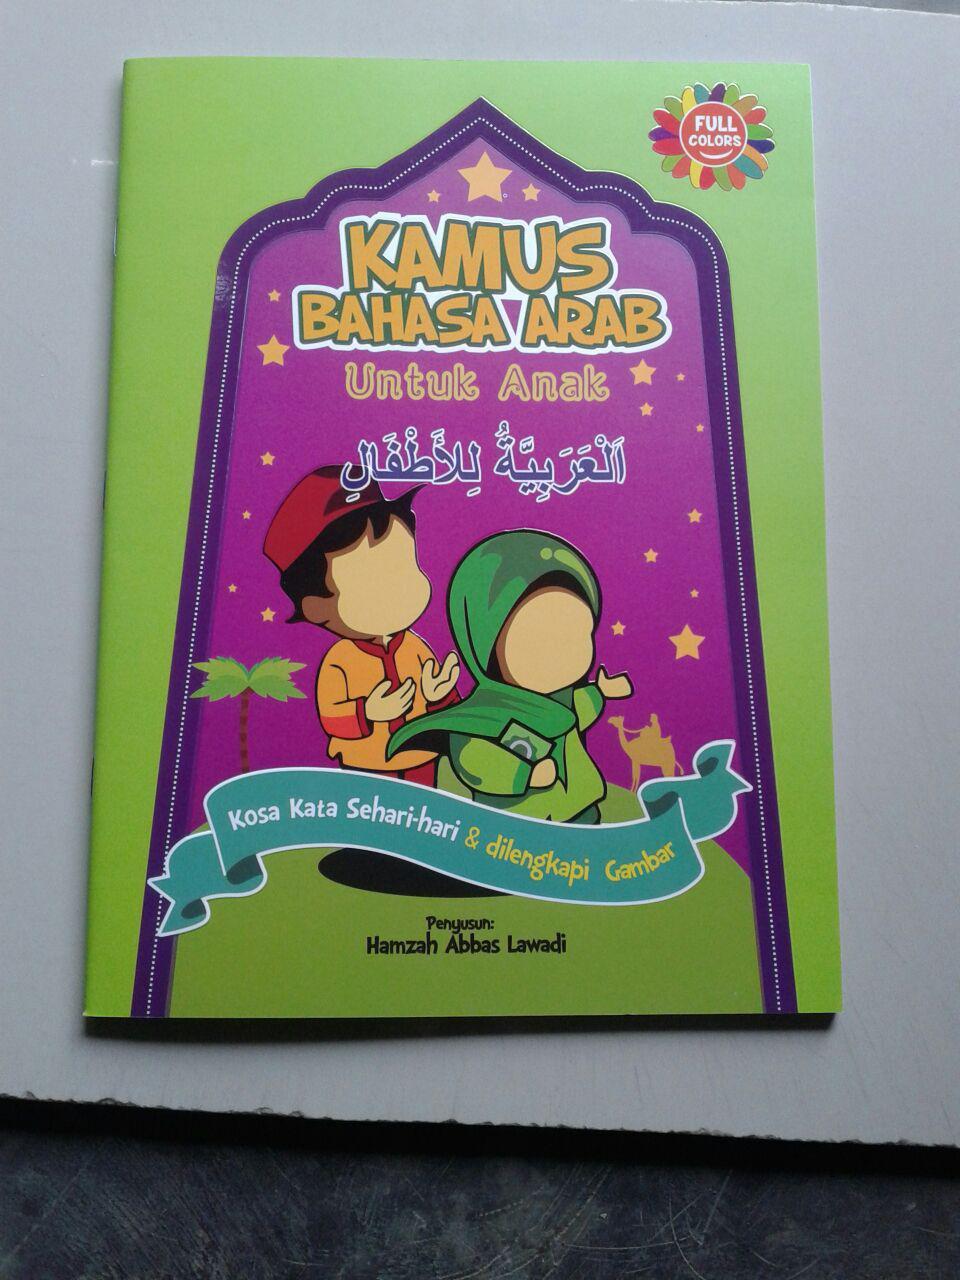 Buku Kamus Arab Untuk Anak Kosa Kata Sehari Hari Dilengkapi Gambar cover